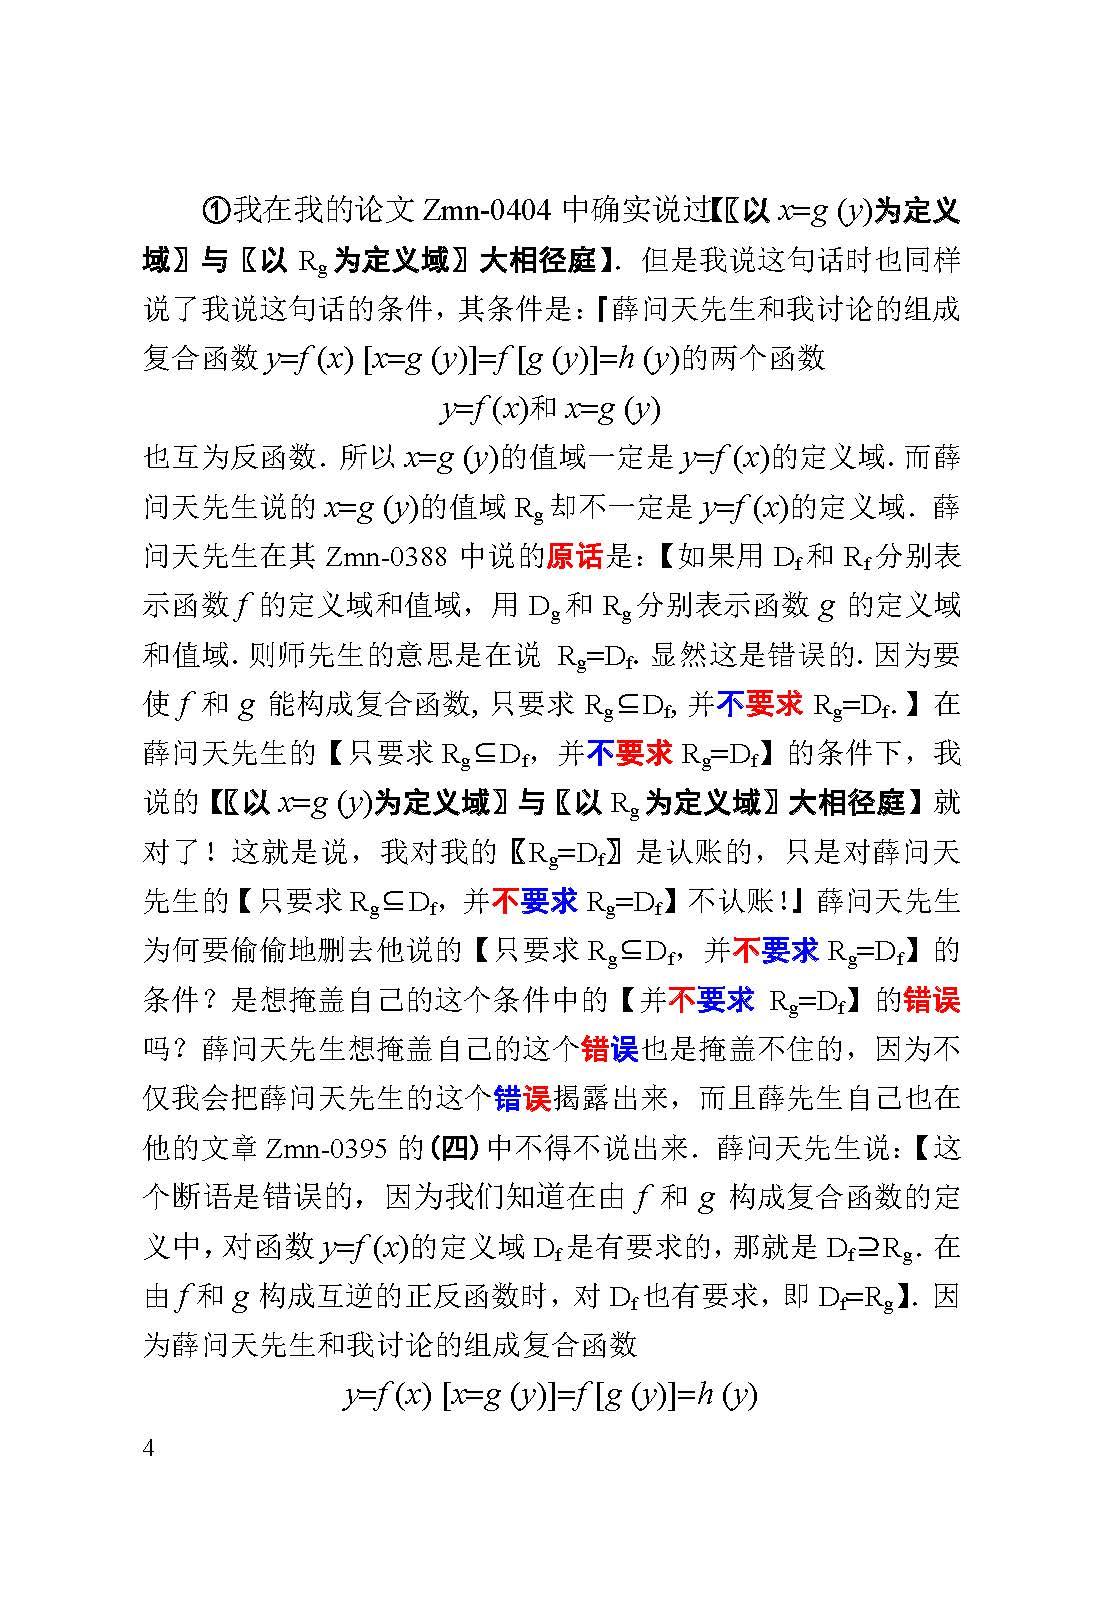 评薛问天先生的文章0408_页面_04.jpg